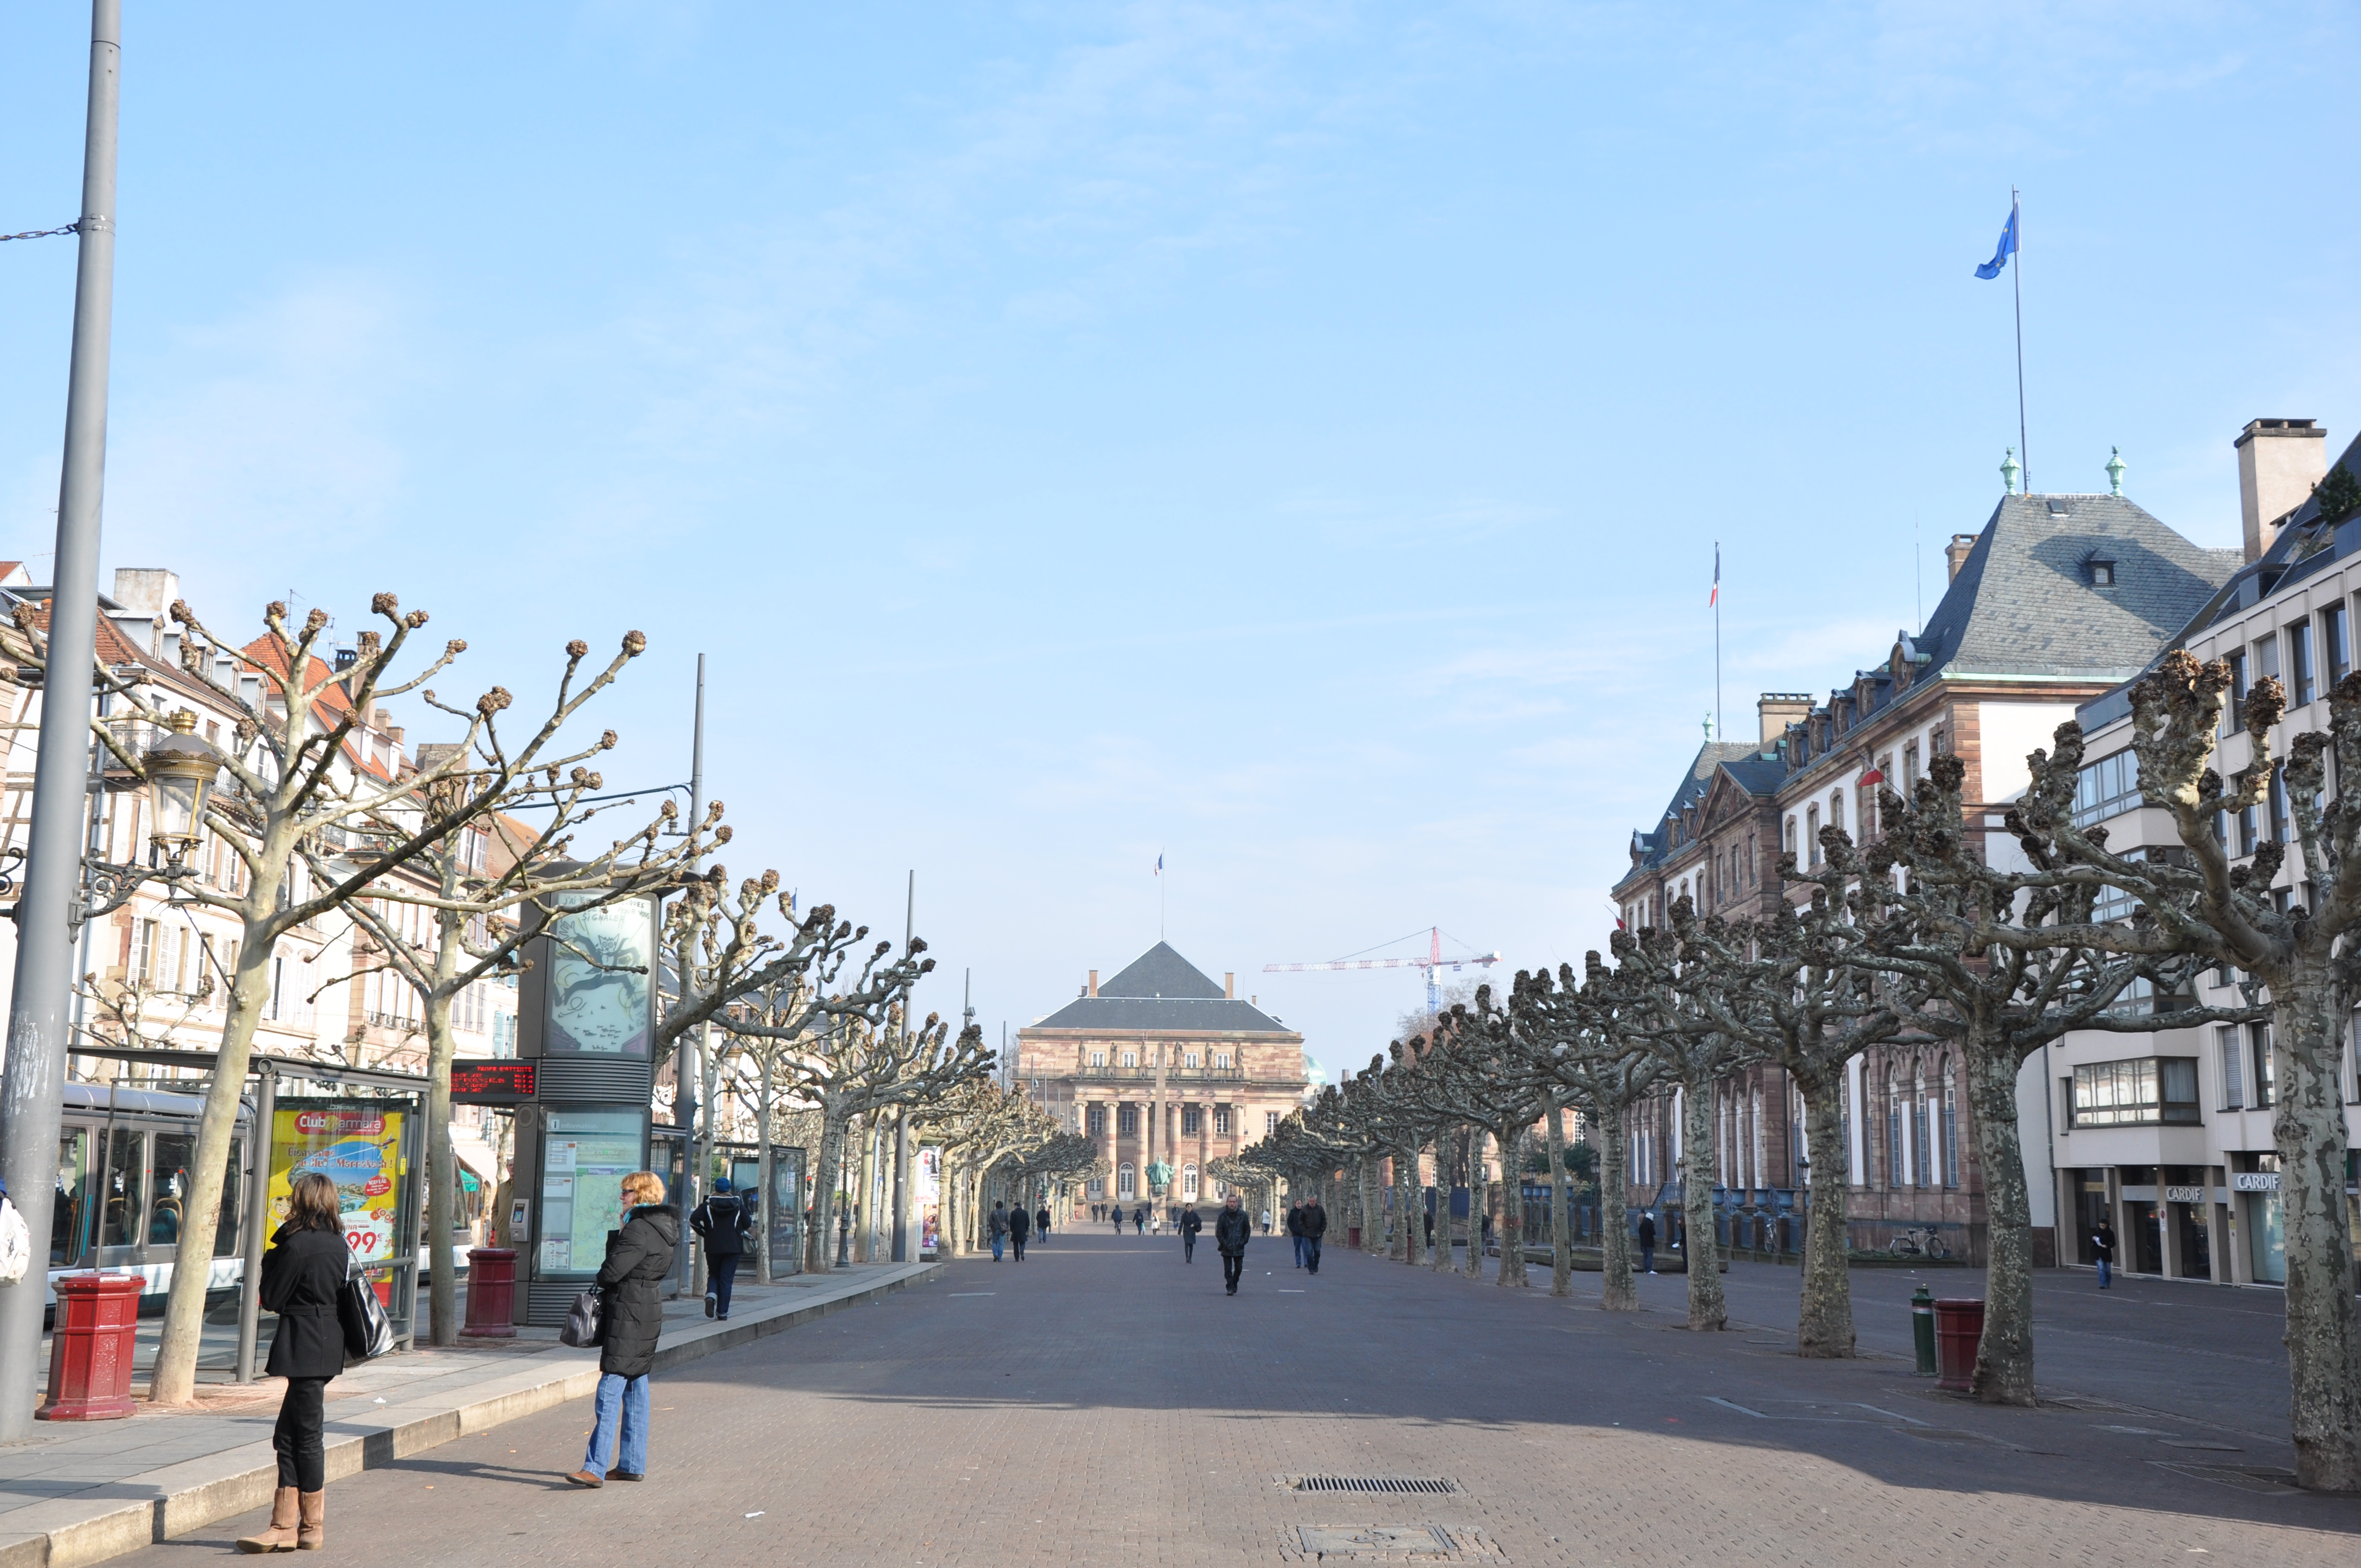 que visitar en estrasburgo francia